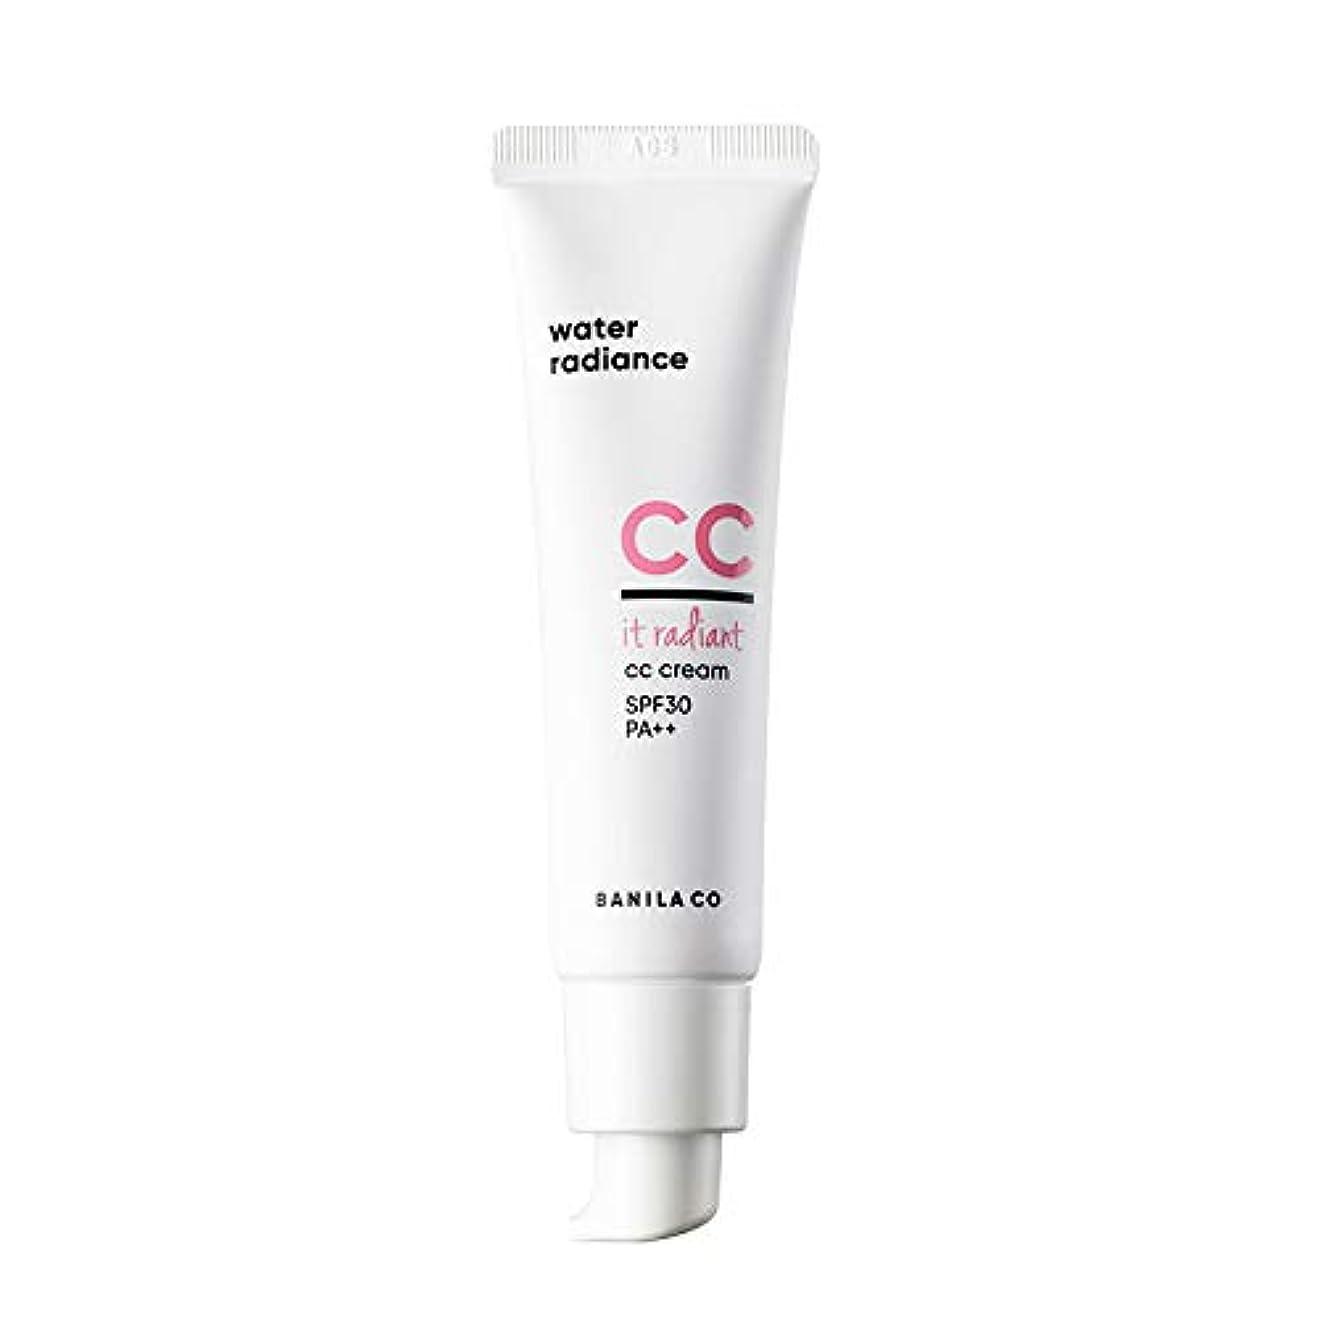 スリーブ不完全なシニスBANILA CO(バニラコ) イットレディアント ccクリーム It Radiant CC Cream